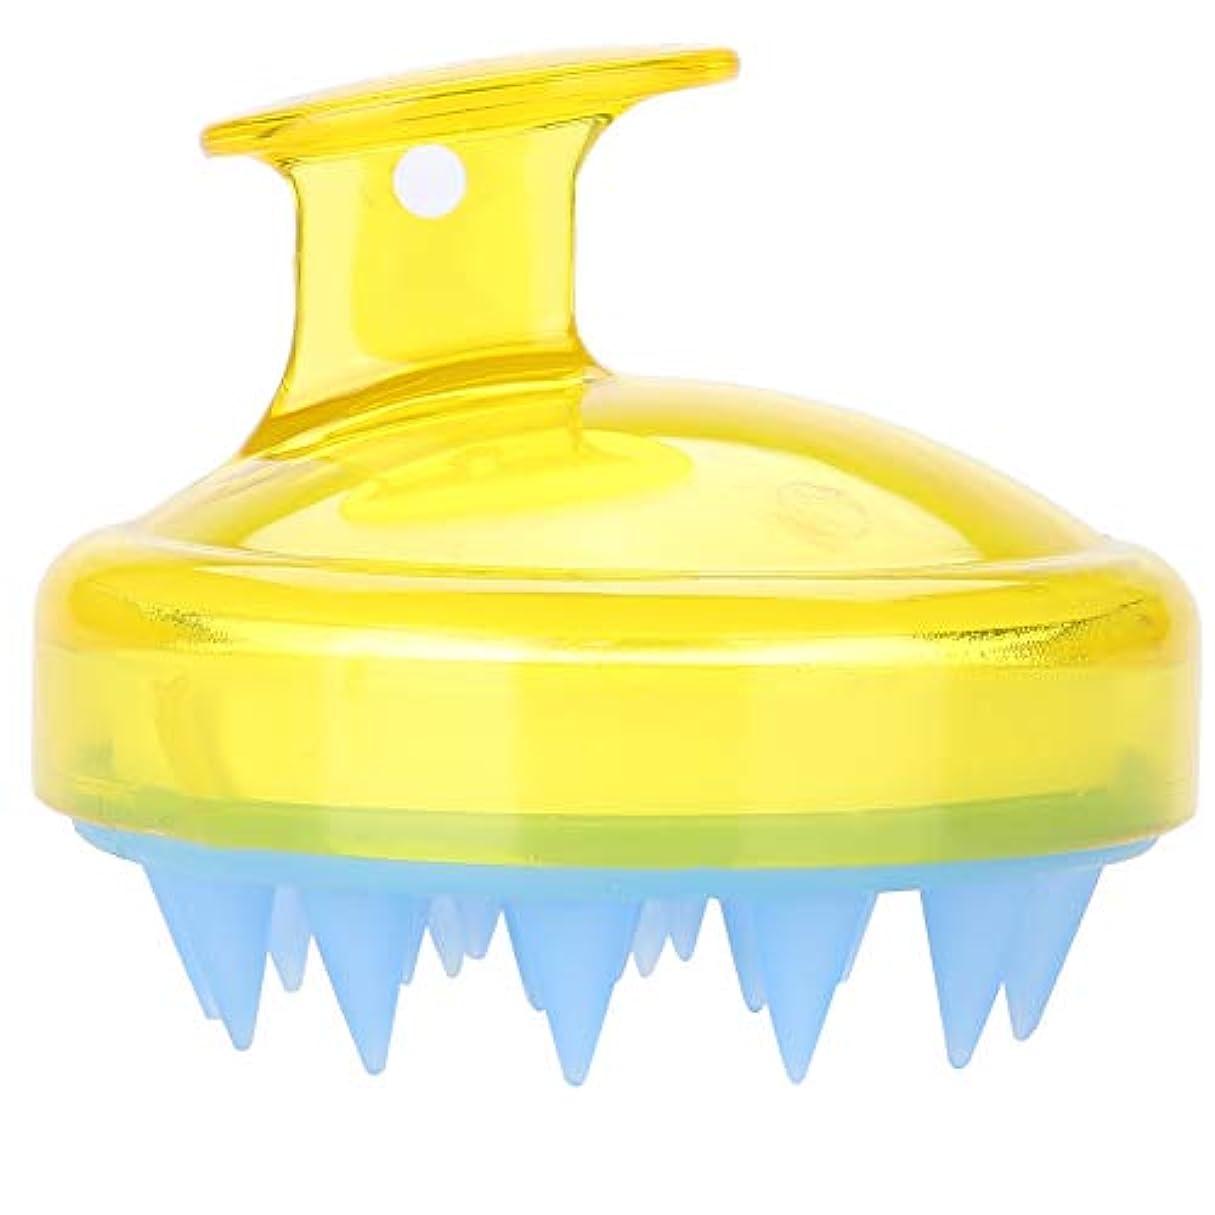 素朴な不愉快敬の念5色マッサージャーヘッド - スカルプマッサージャー、マッサージャーブラシヘッドシャンプー - ボディ洗浄マッサージャーのためのシャワーブラシ(黄)